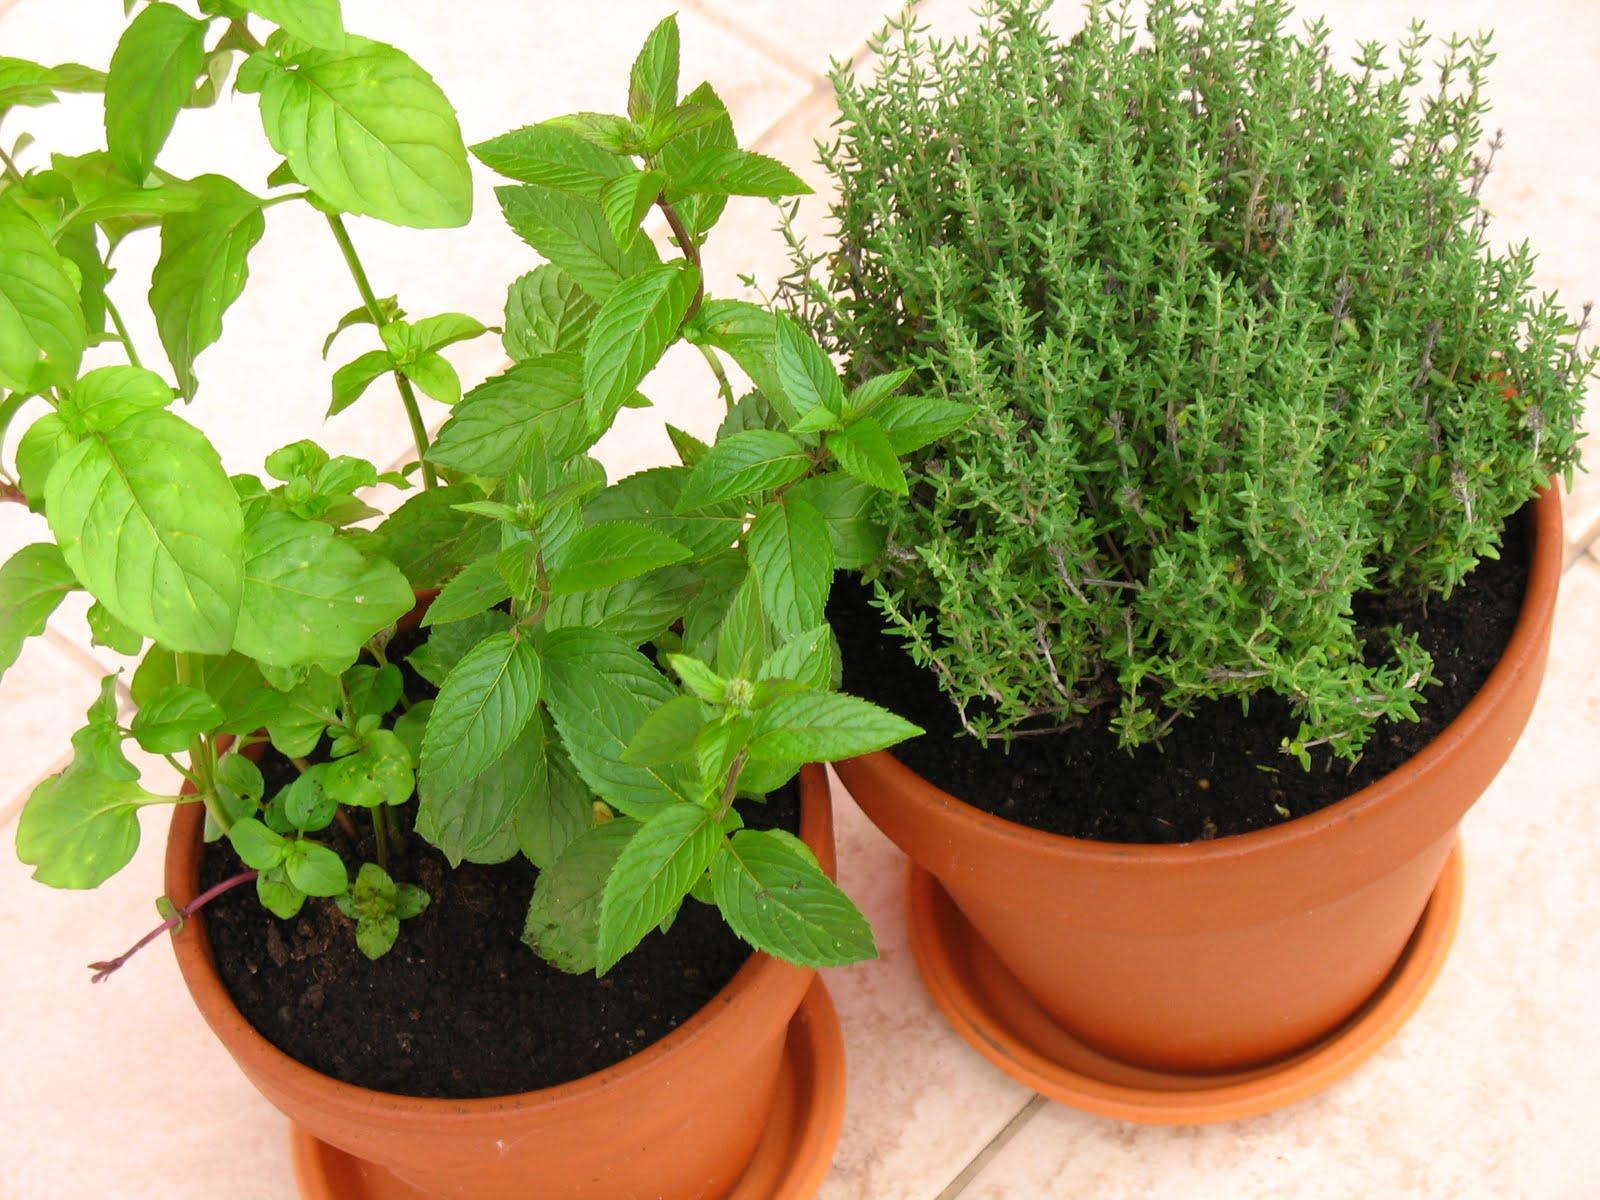 Jak pielęgnować świeże zioła